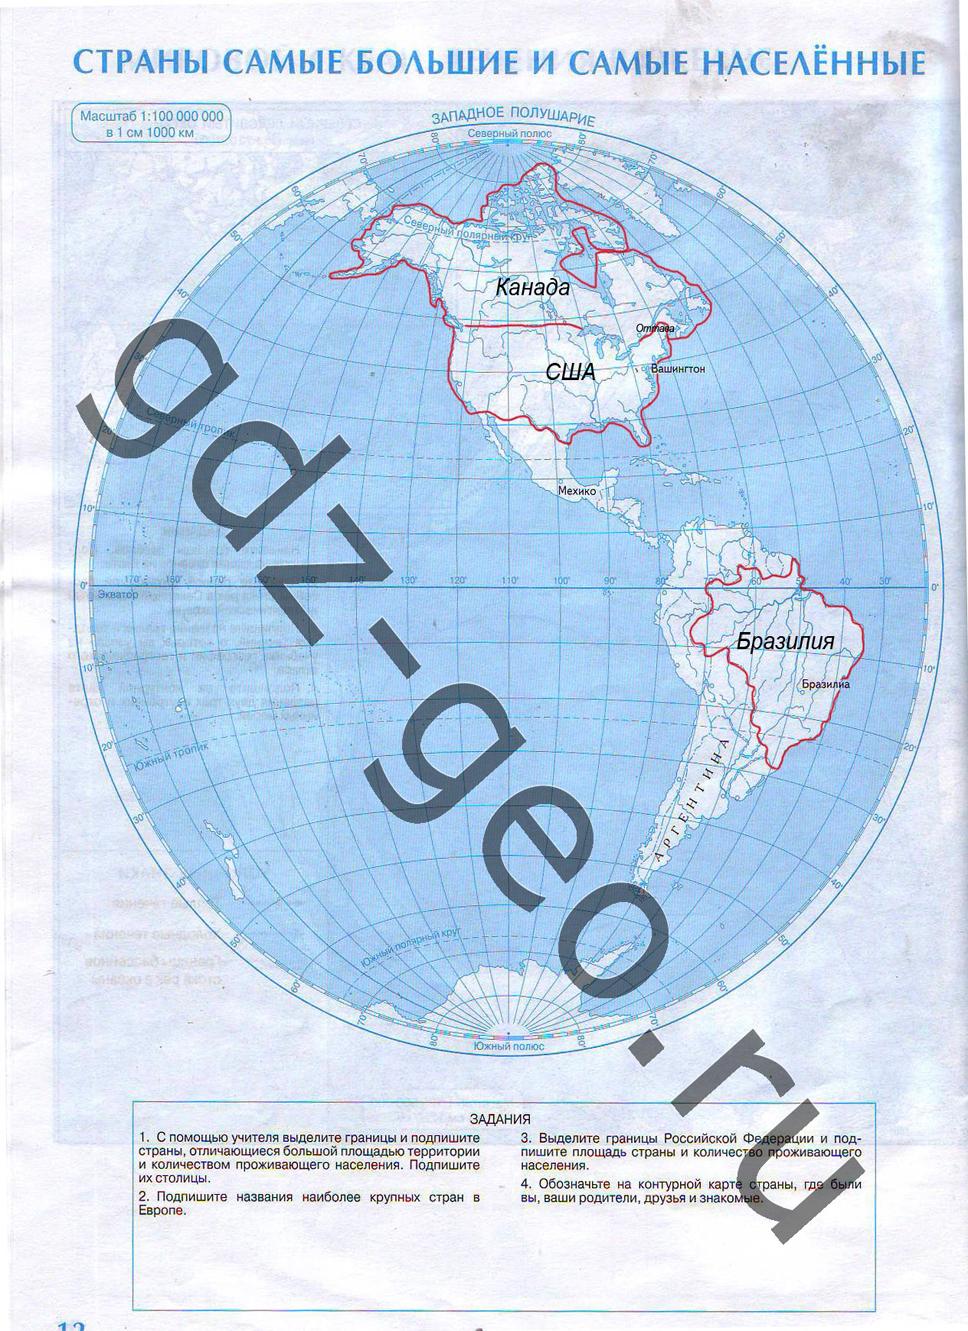 гдз по географии 5 класс лобжанидзе контурные карты